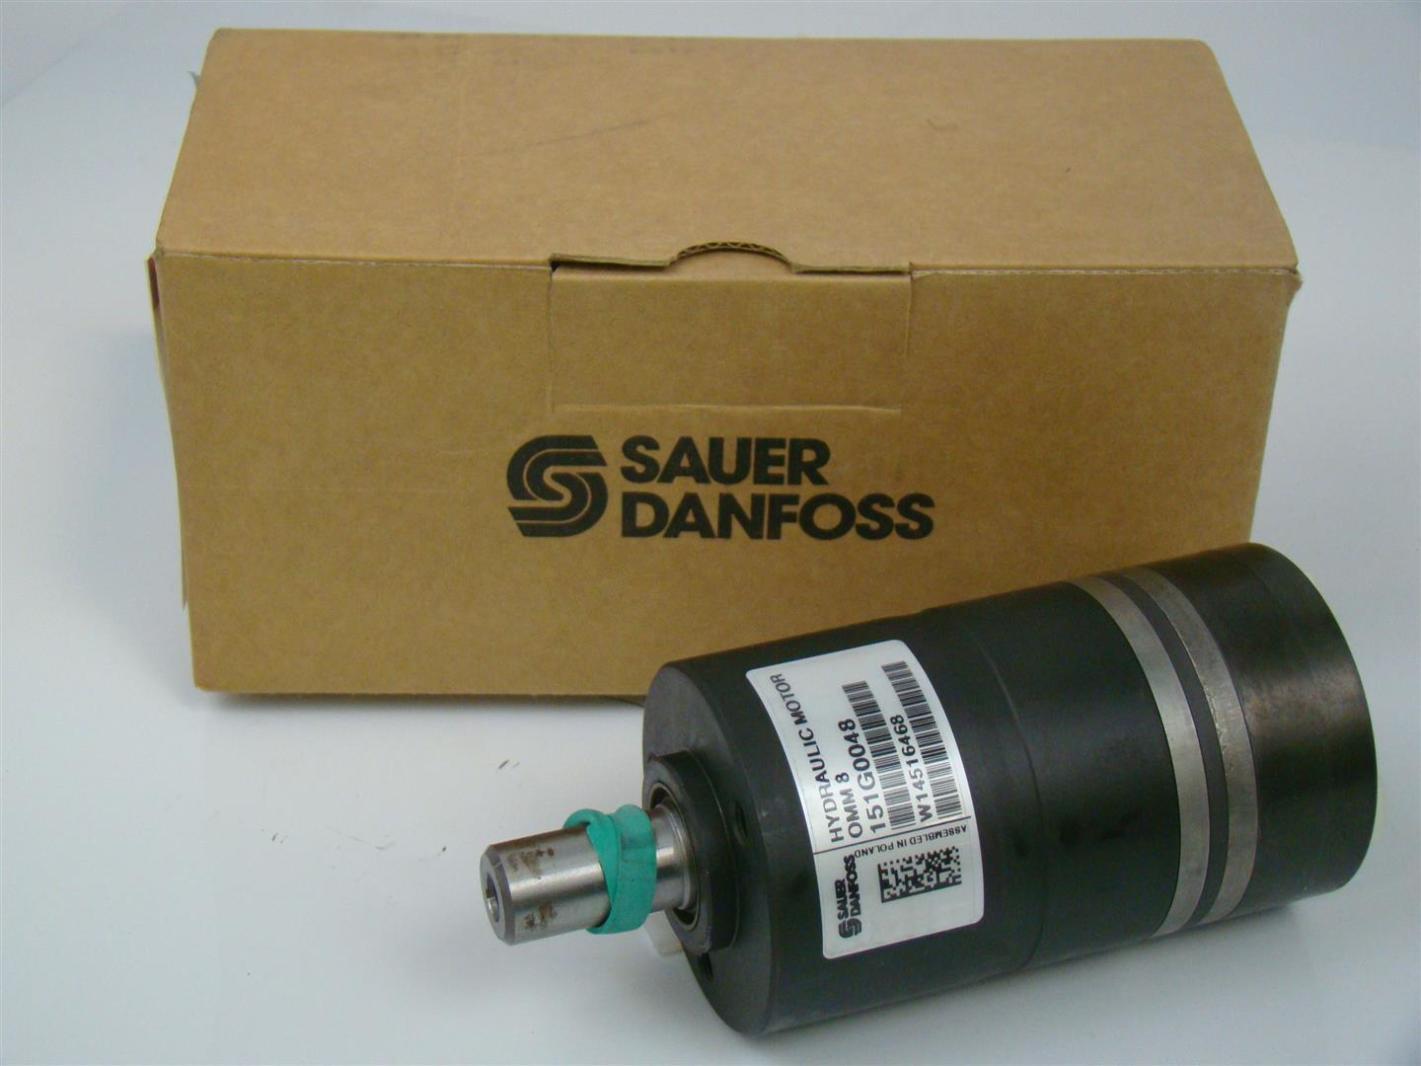 Sauer Danfoss Hydraulic Motor Omm 8 62 Shaft 151g0048